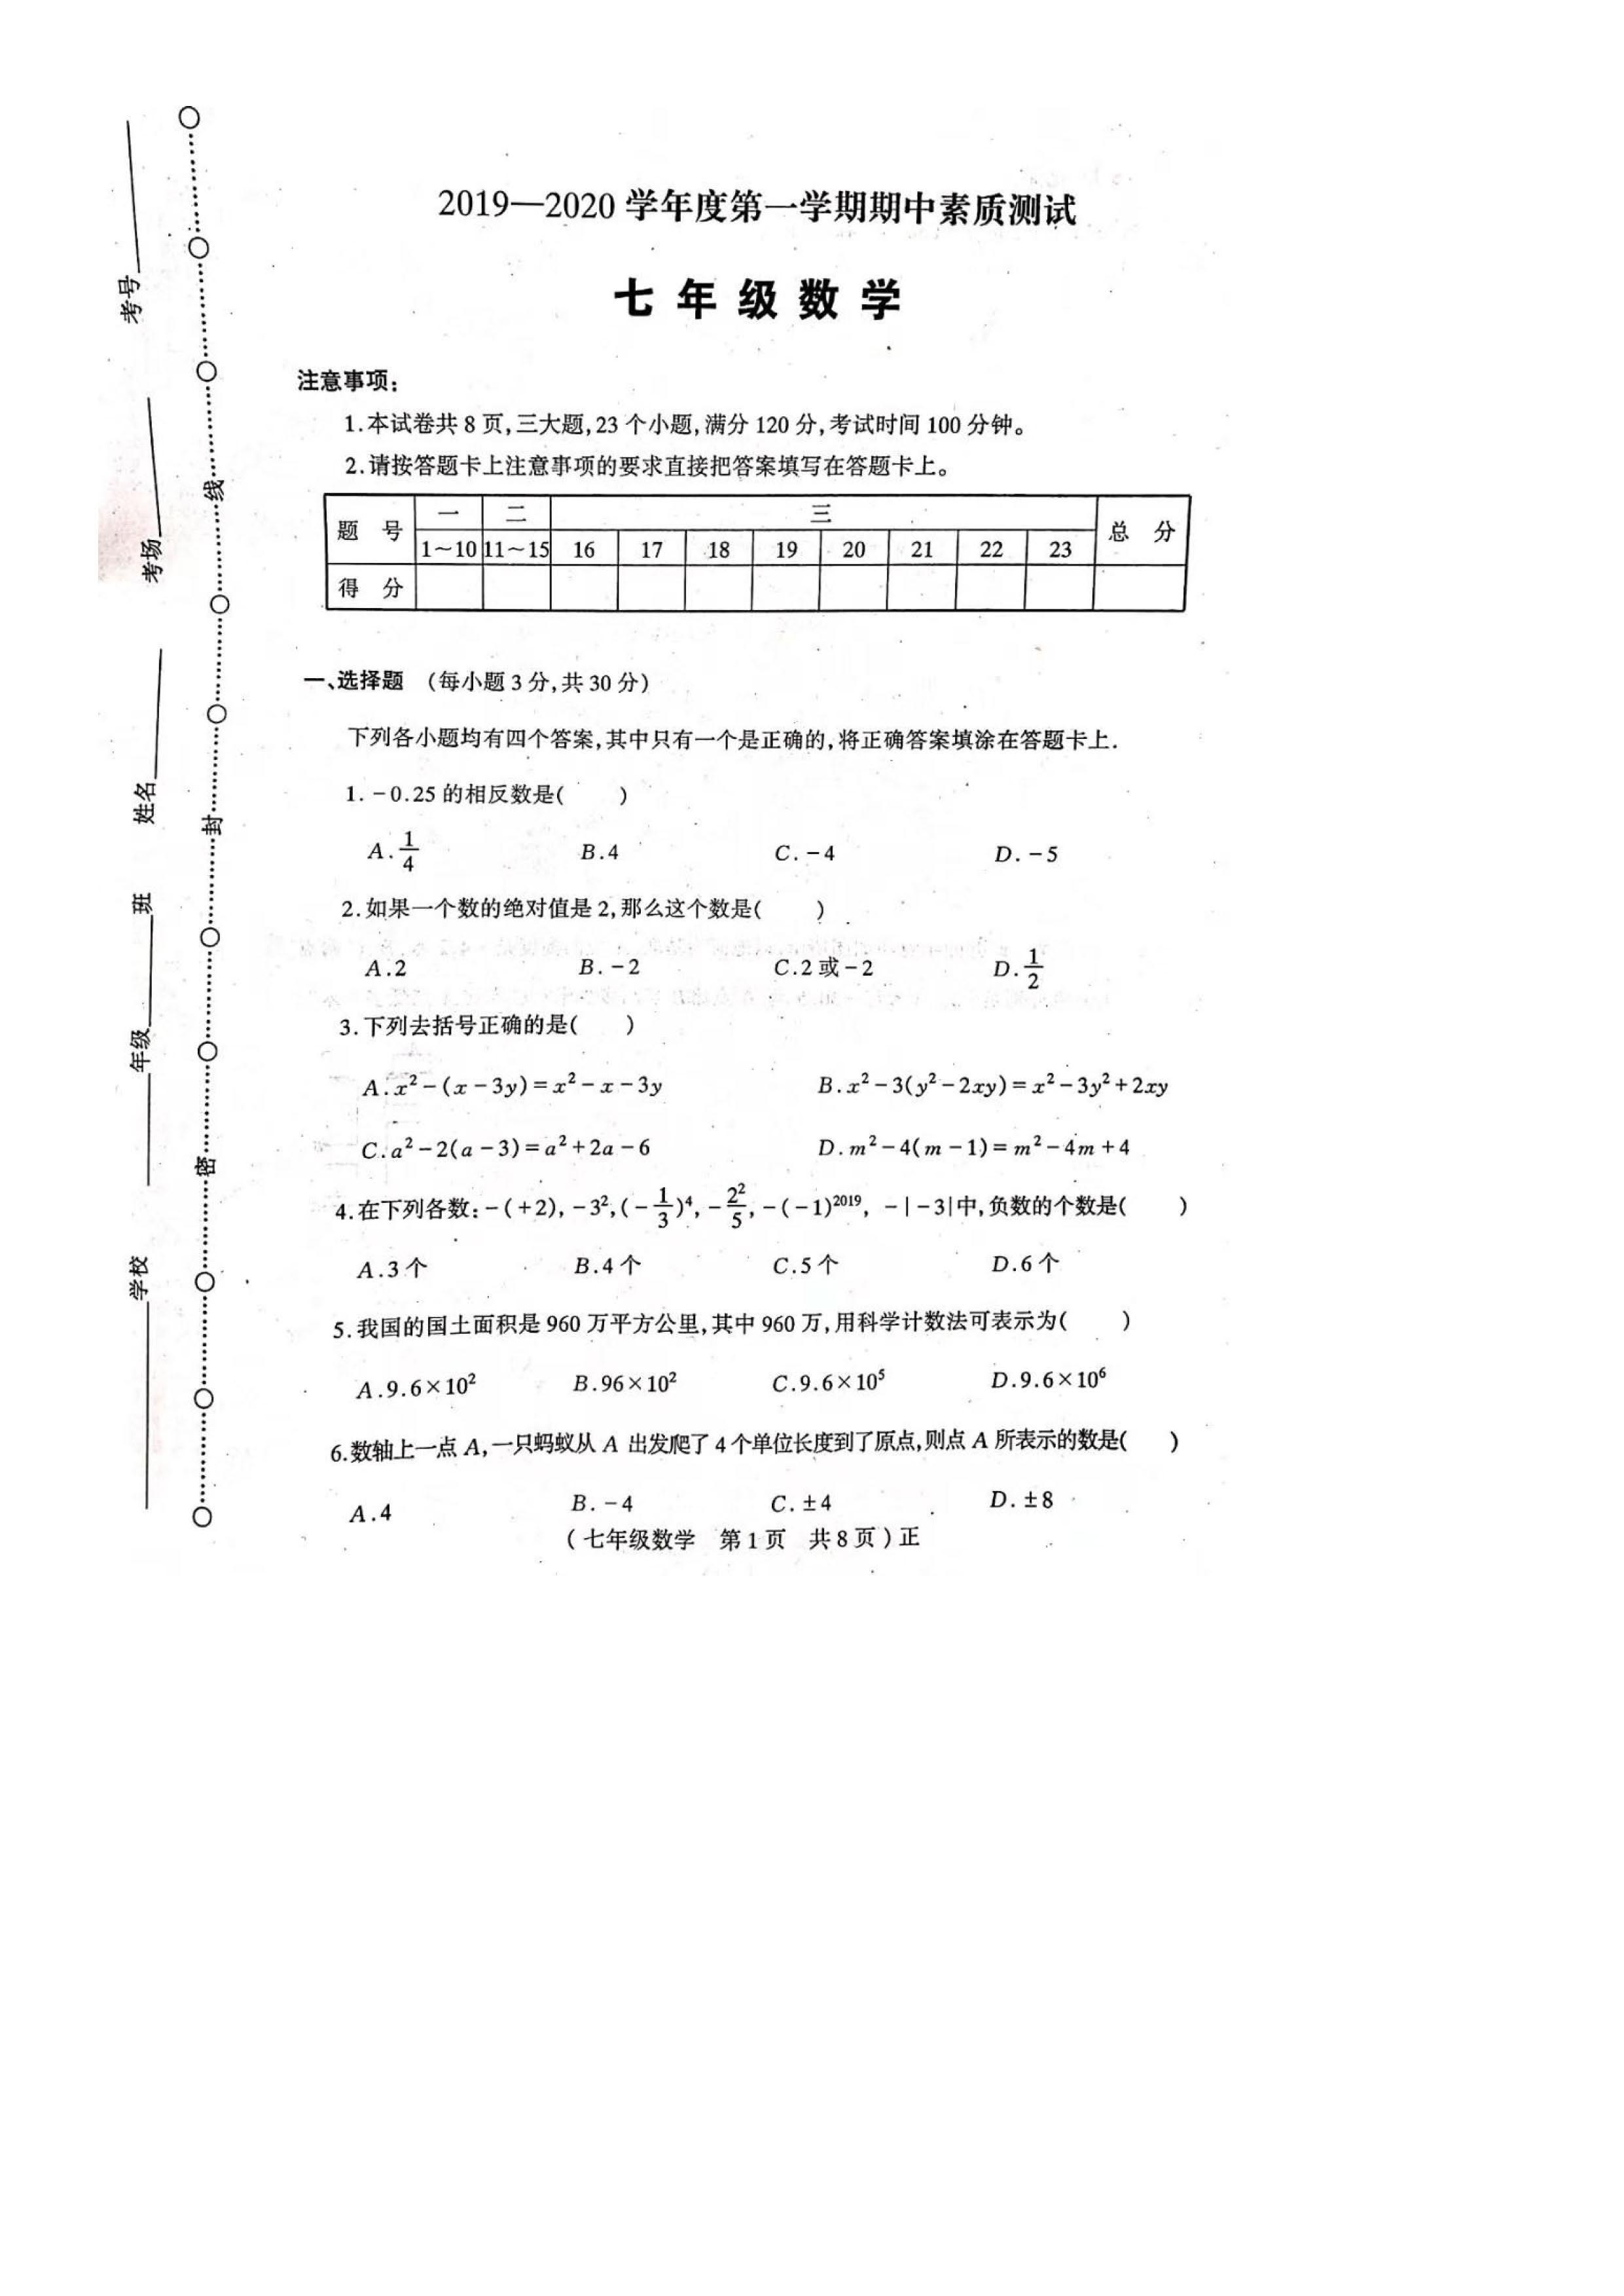 2019-2020河南驻马店七年级上册数学期中试题无答案(图片版)